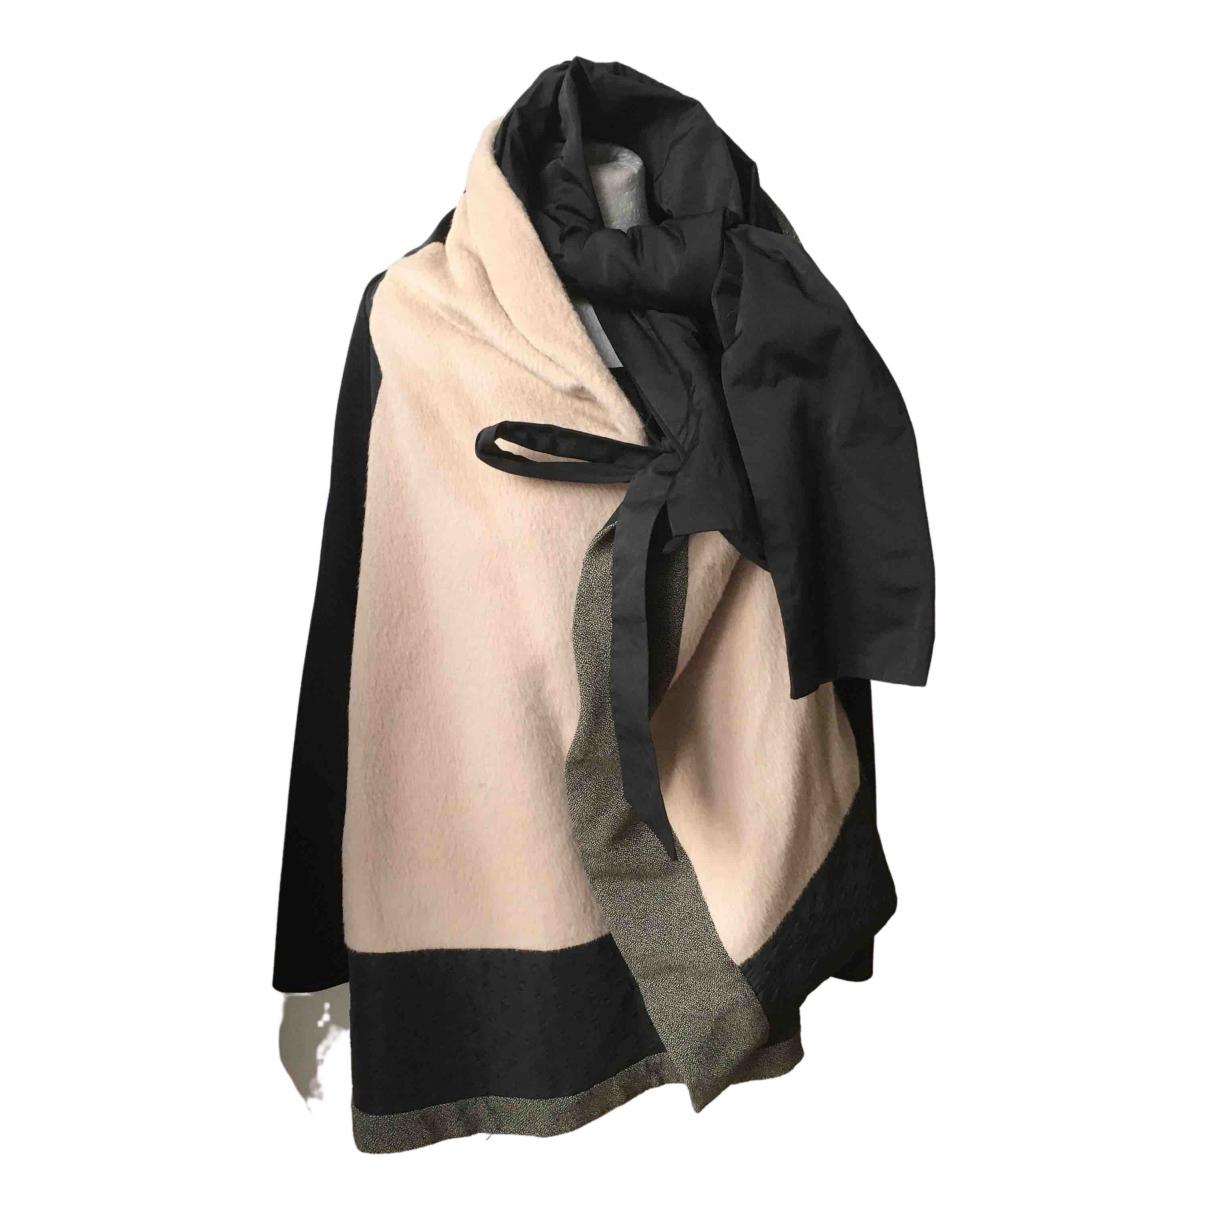 Antonio Marras - Manteau   pour femme en laine - multicolore